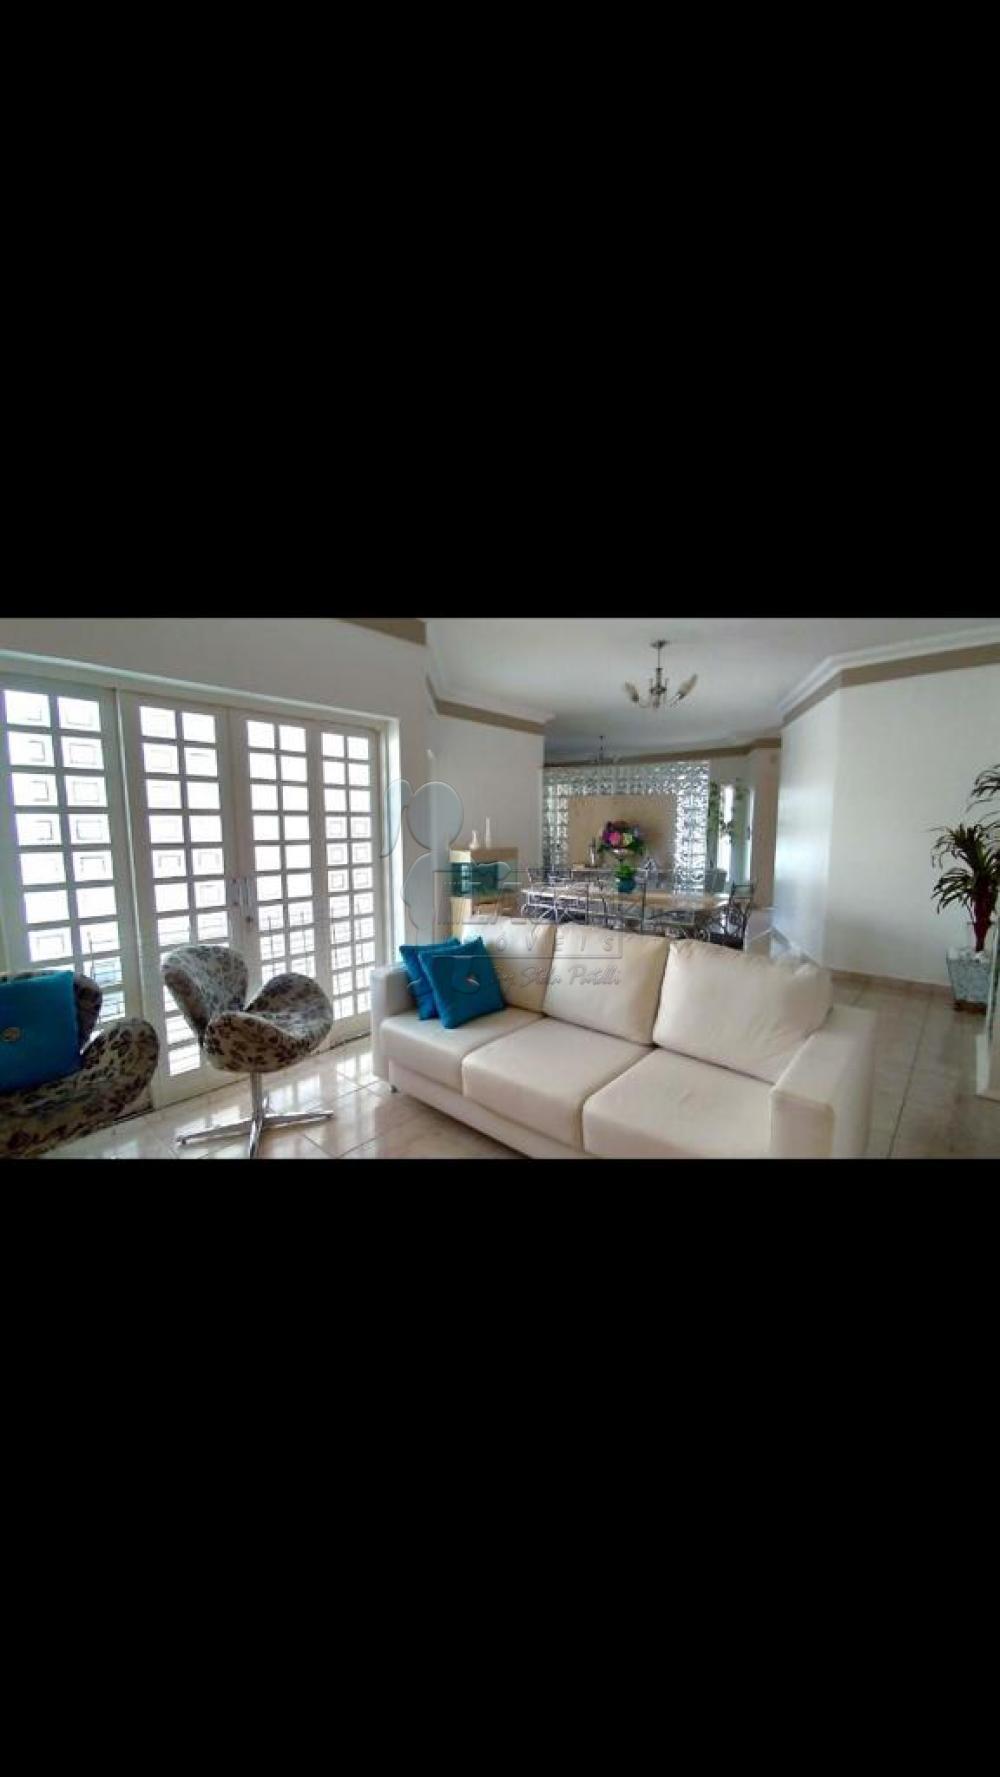 Comprar Casas / Padrão em Ribeirão Preto apenas R$ 850.000,00 - Foto 7